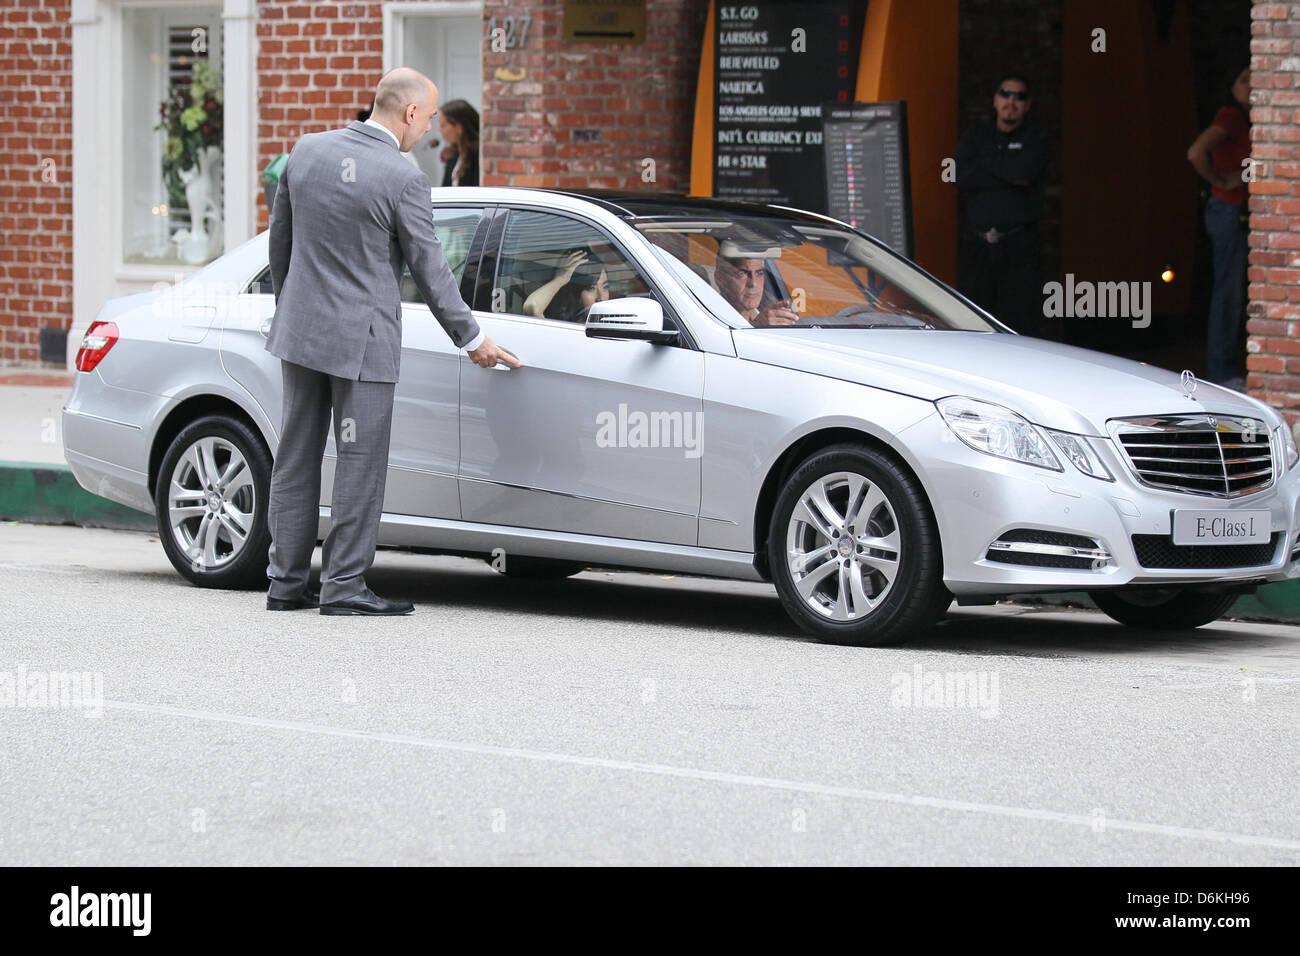 George Clooney Sobre O Conjunto De Um Mercedes Benz E300 L Anúncio Em Beverly  Hills Los Angeles, Califórnia   16.09.11